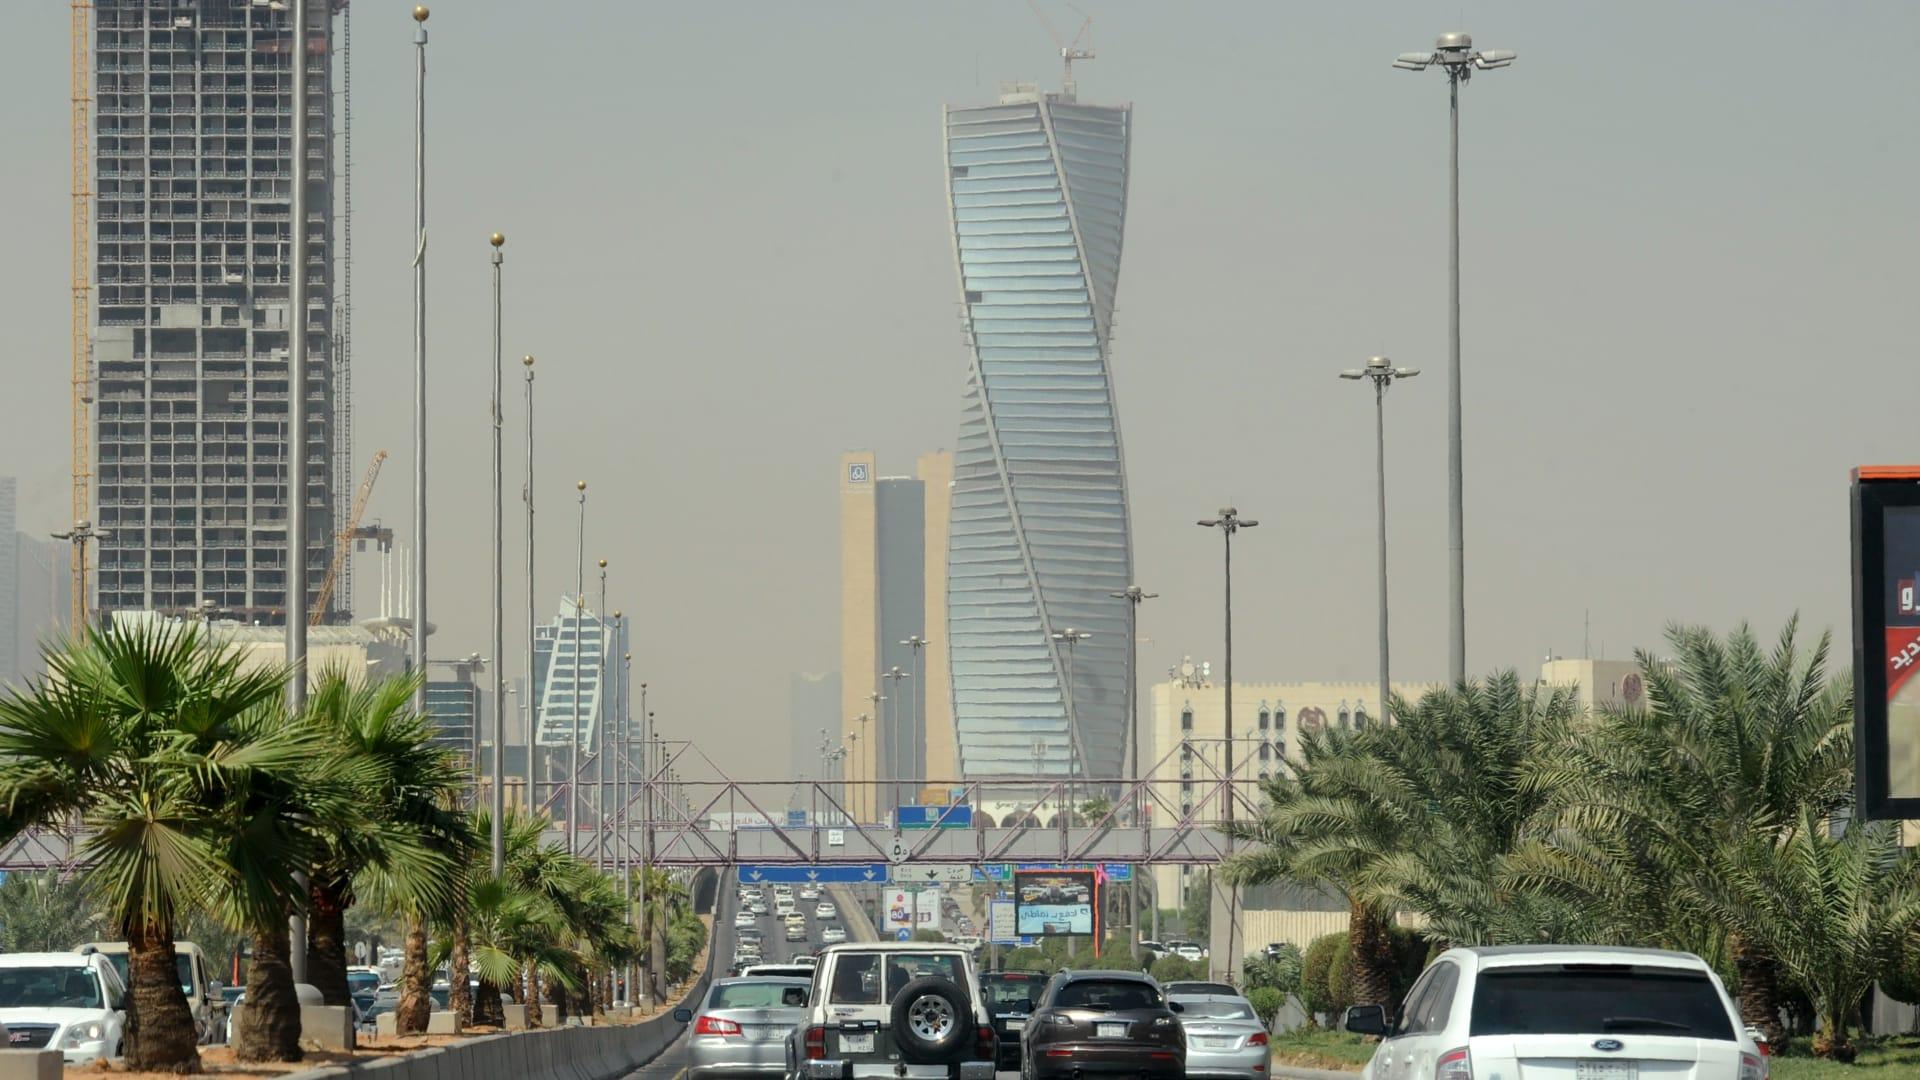 السعودية تستدعي 93 ألف سيارة.. انتبه إن كنت تقود شيفروليه أو كاديلاك أو جي ام سي